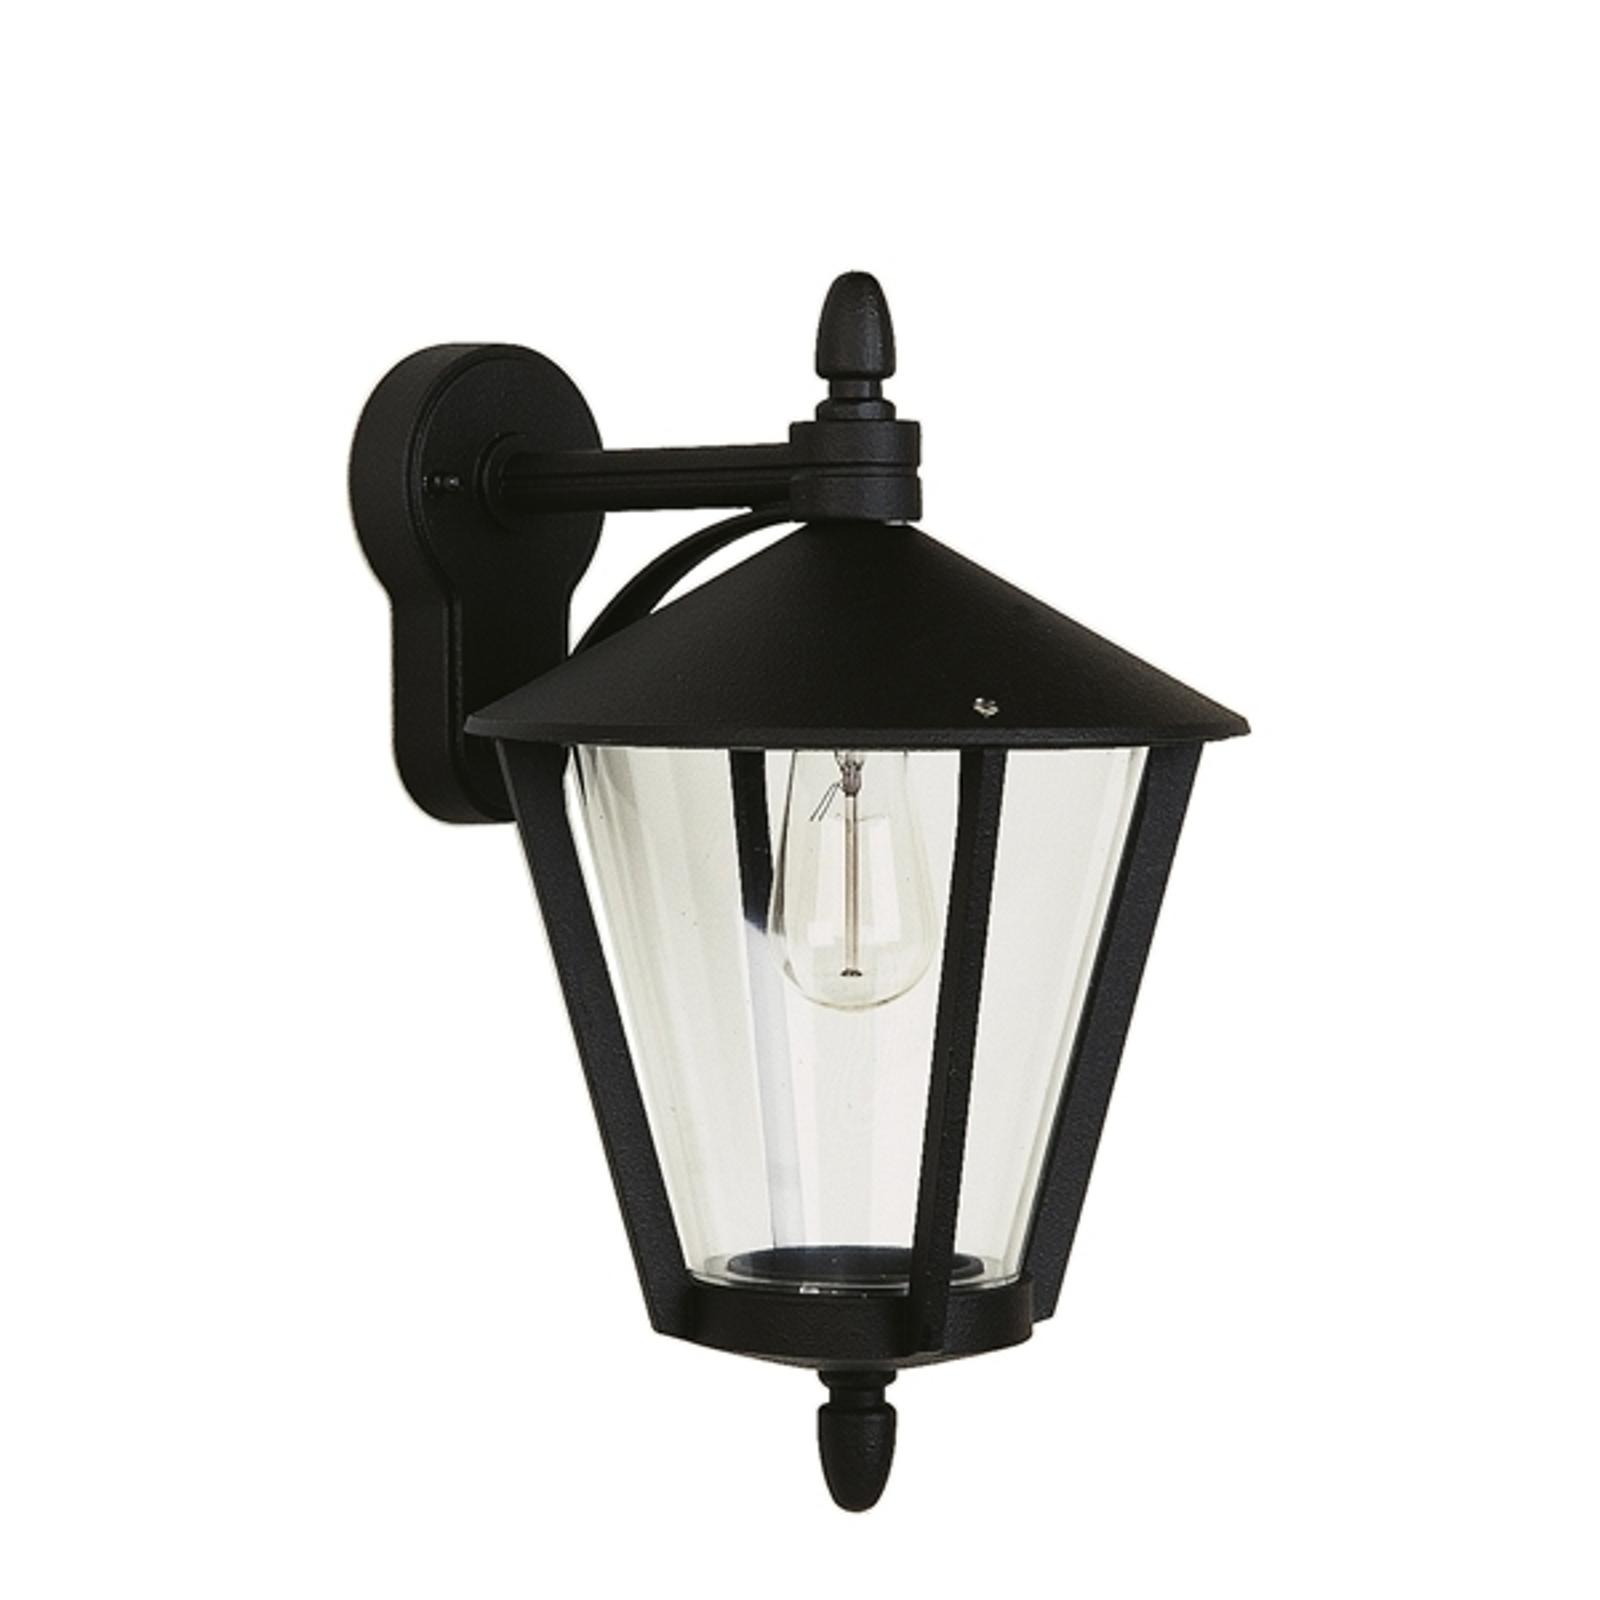 Stylowa zewnętrzna lampa ścienna 665 S